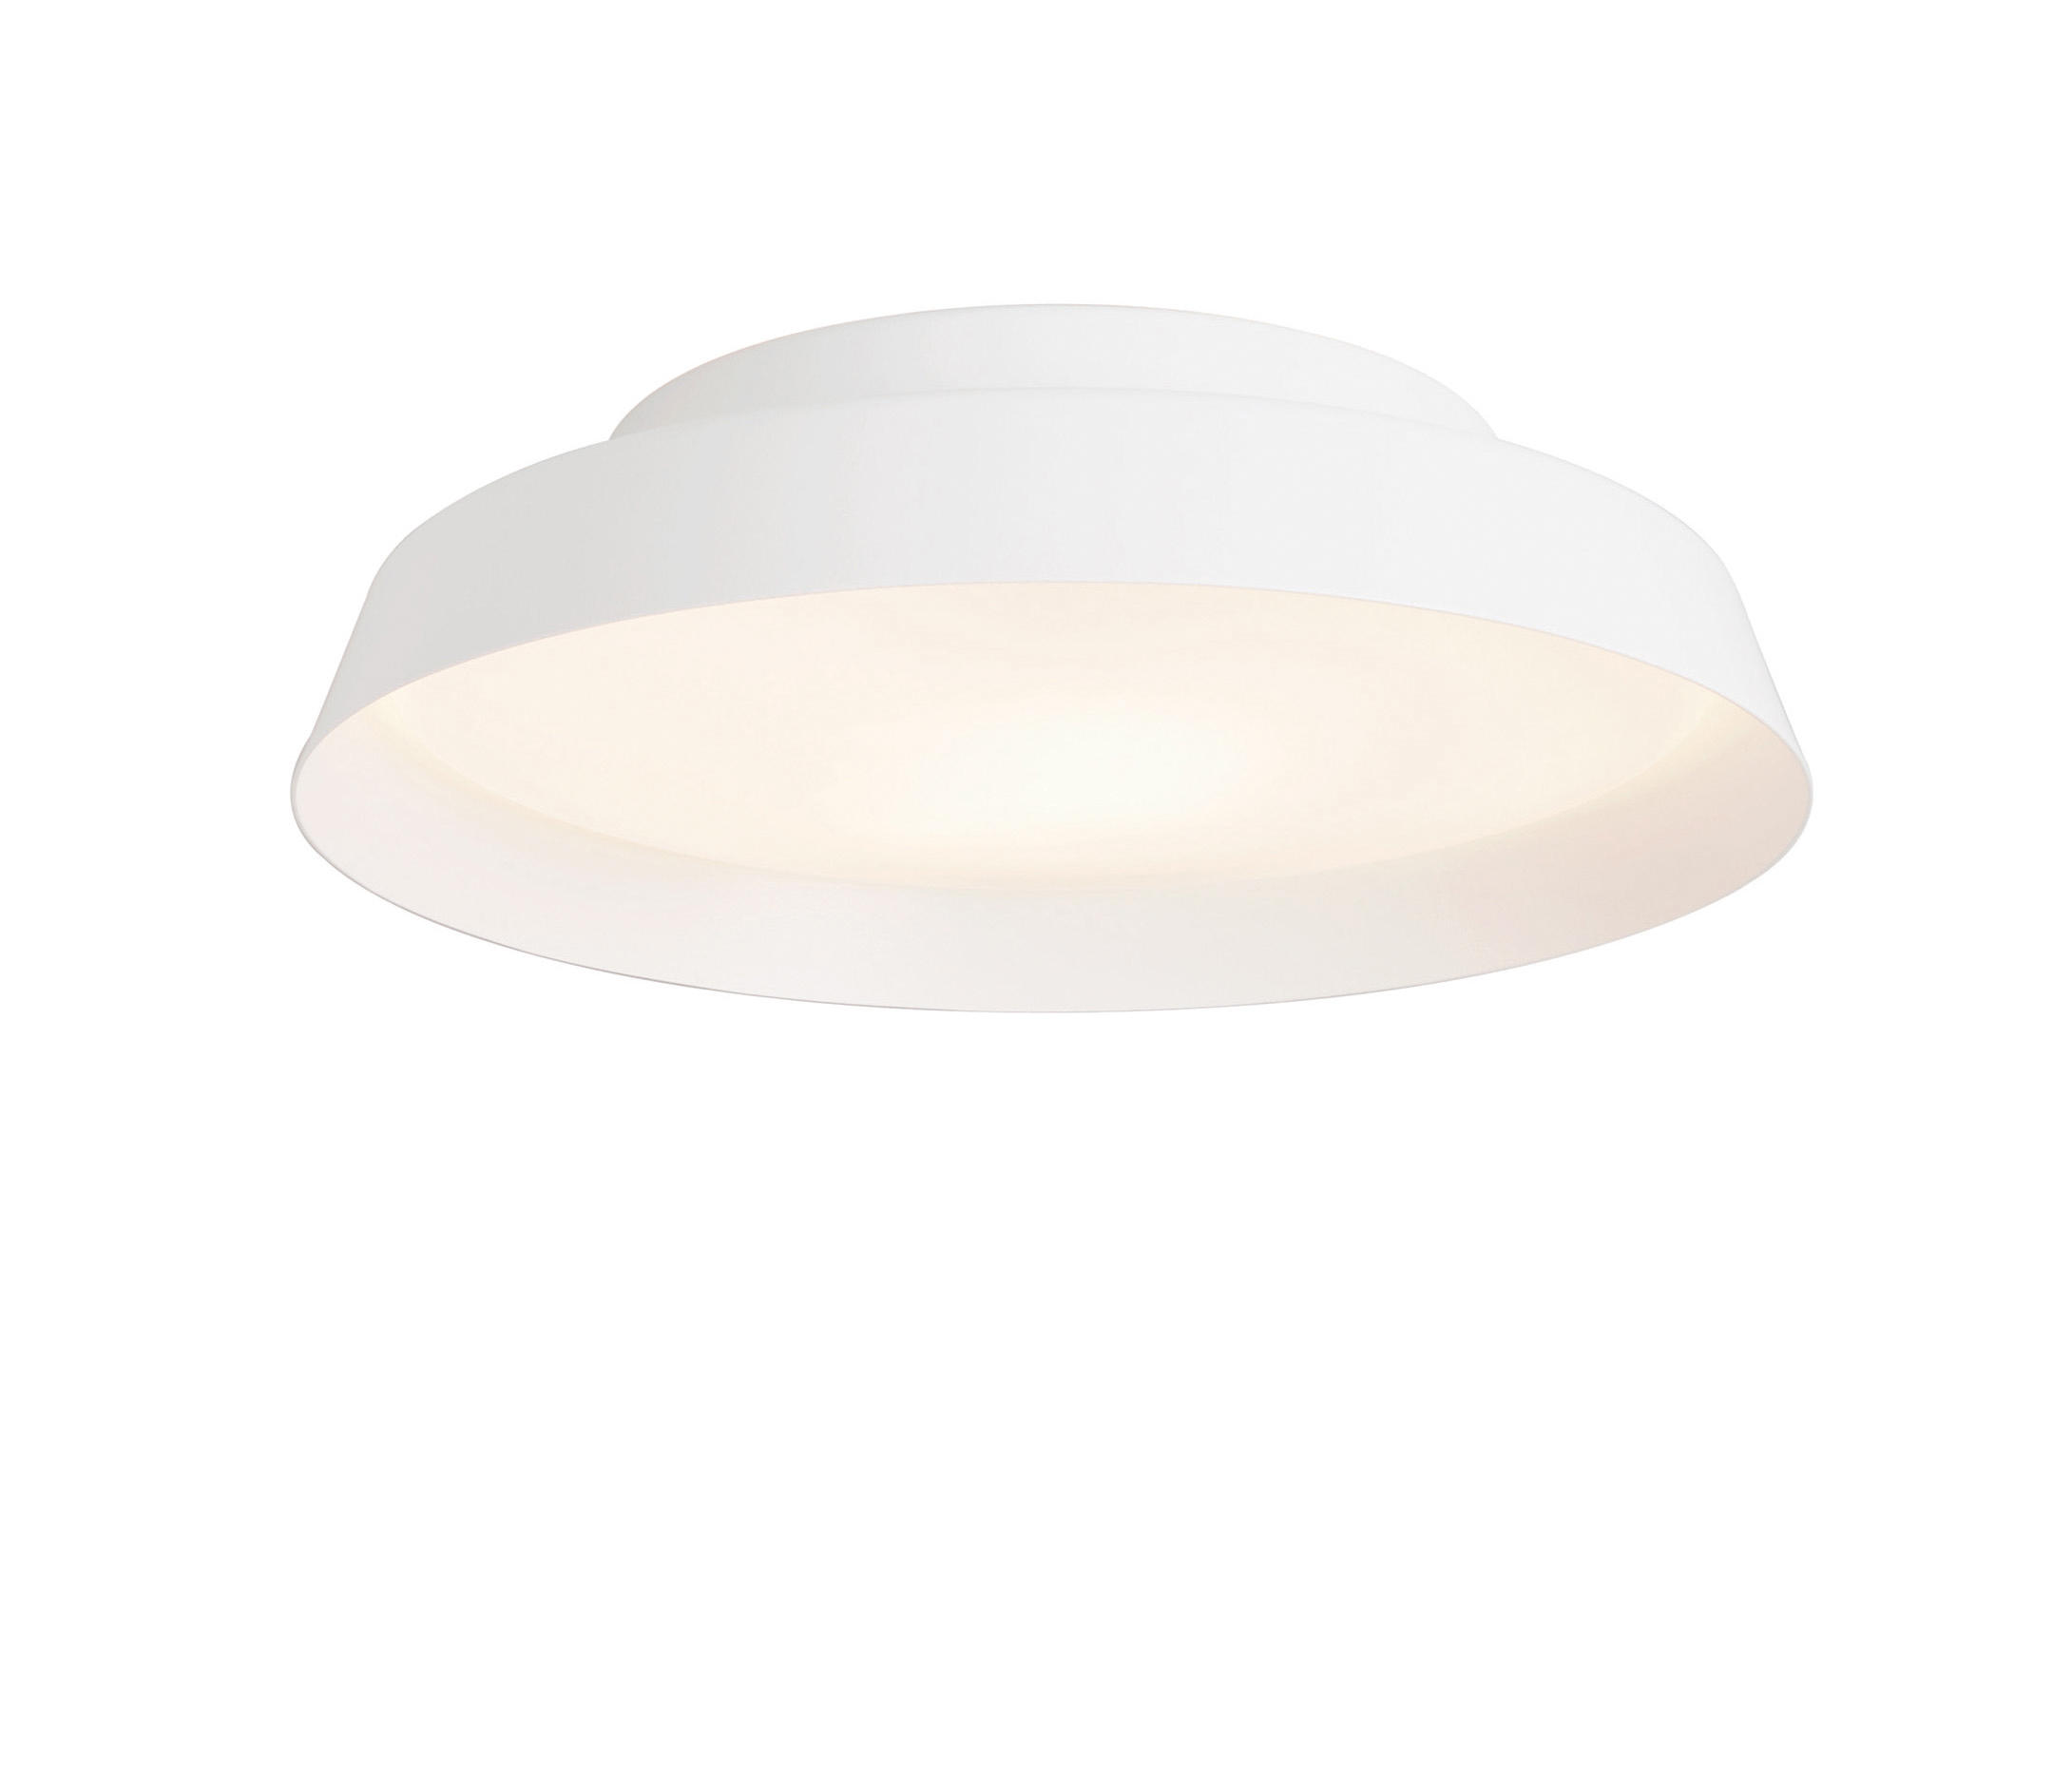 Boop luz de parede/lâmpada do teto ø37cm E27 2x22w Branco/Branco